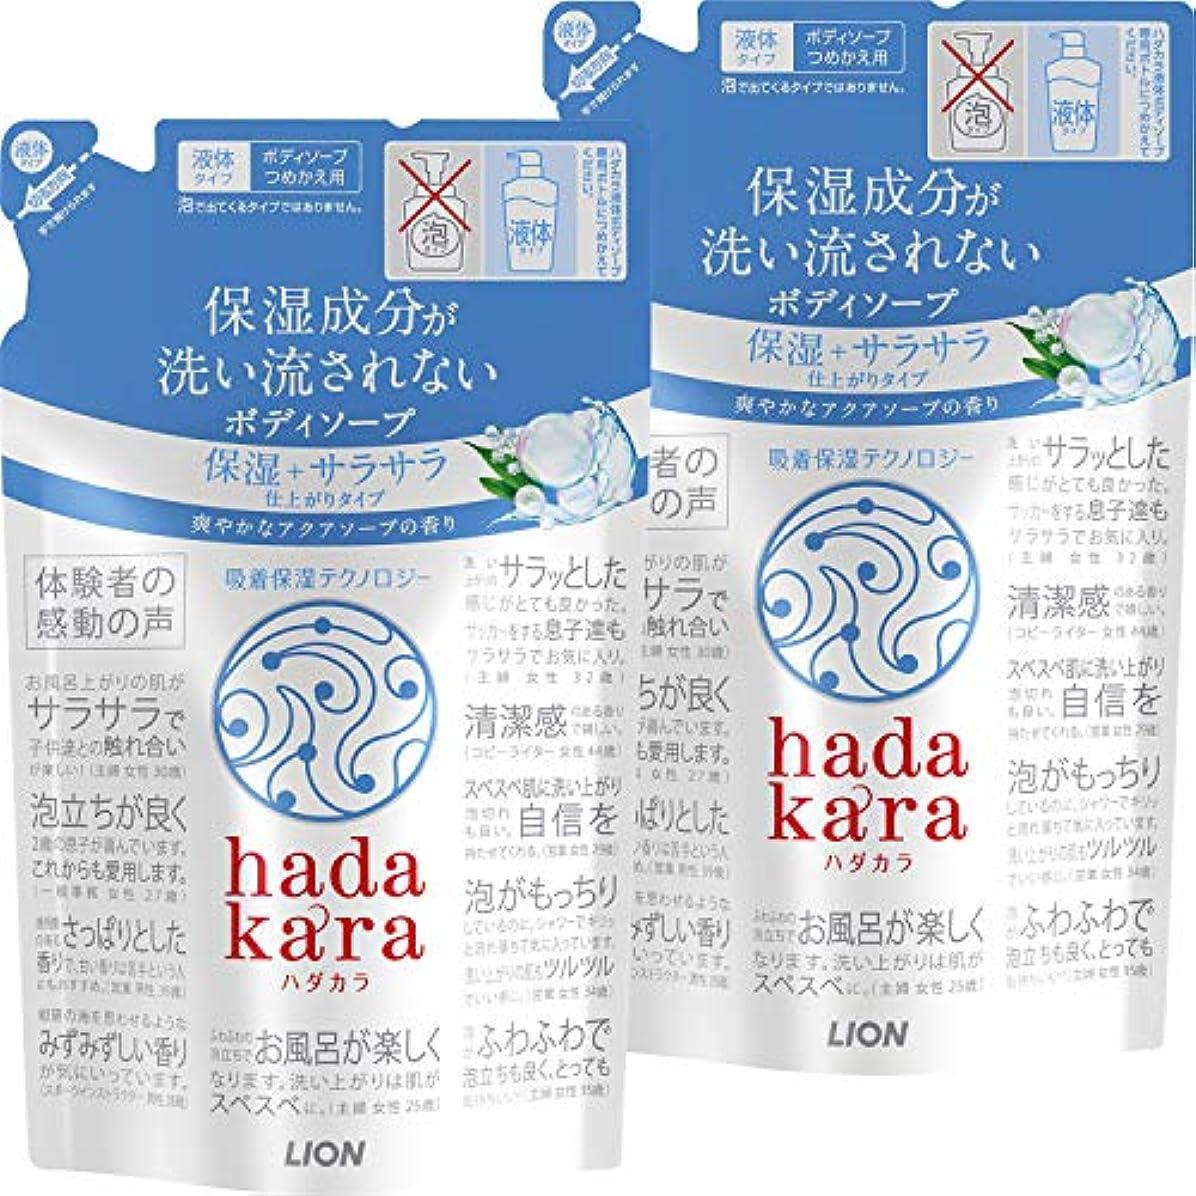 支援するランク無声で【まとめ買い】hadakara(ハダカラ) ボディソープ 保湿+サラサラ仕上がりタイプ アクアソープの香り 詰め替え 340ml×2個パック